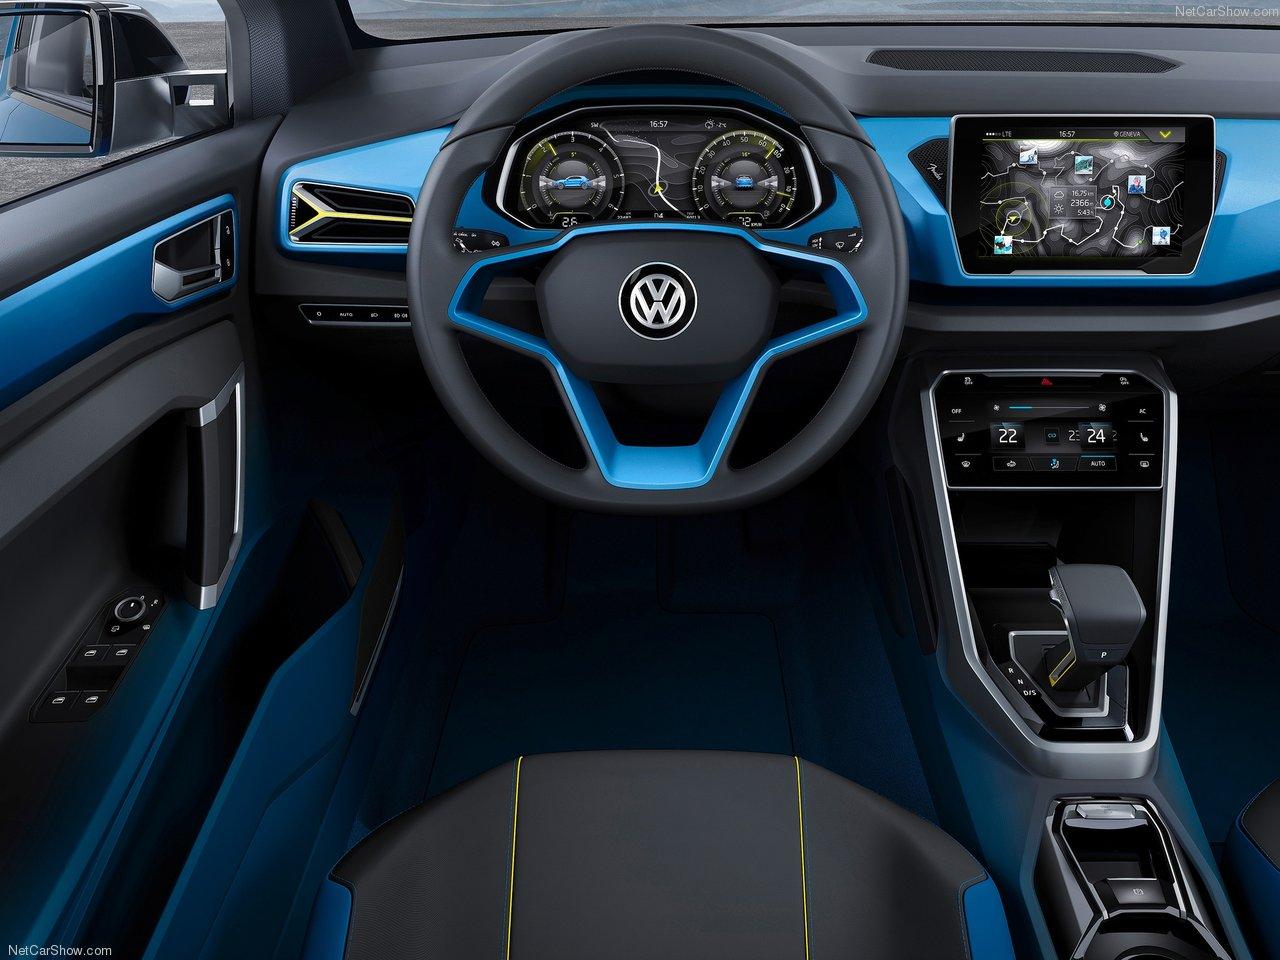 Volkswagen-T-Roc_Concept_2014_1280x960_wallpaper_0d.jpg